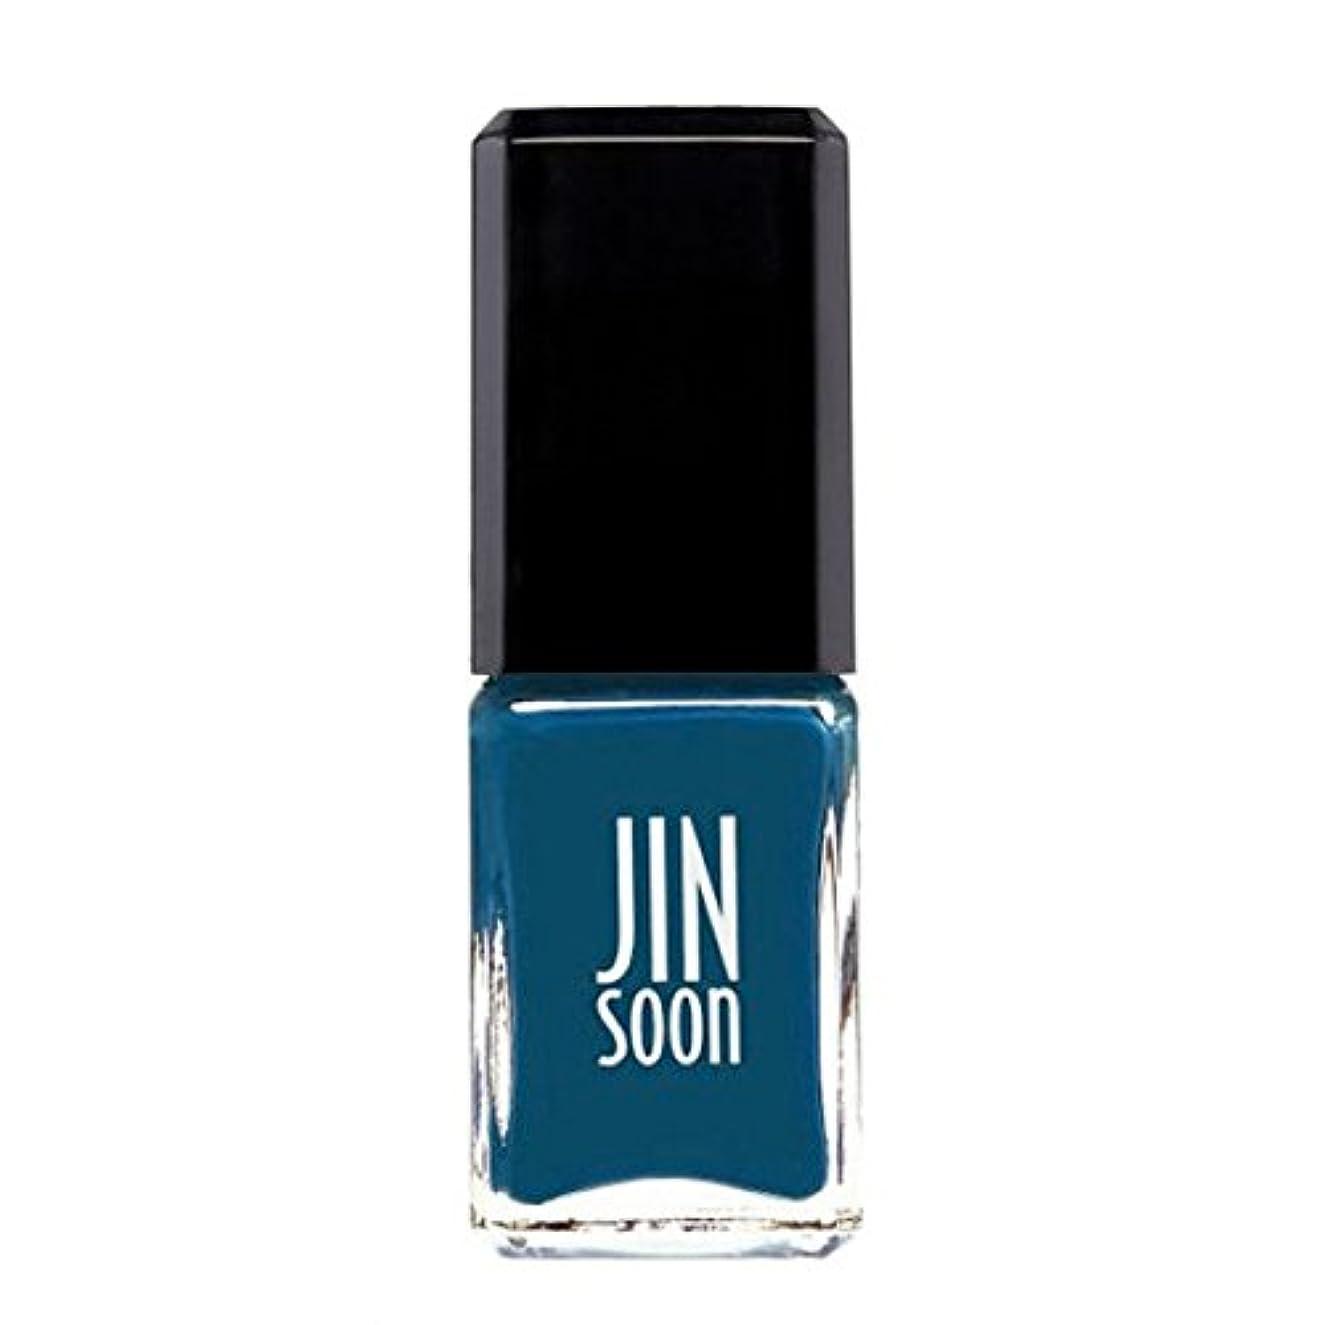 ずっと条約小麦[ジンスーン] [ jinsoon] ボウ(ティールブルー) BEAU ジンスーン 5フリー ネイルポリッシュ ネイルカラー系統:ティールブルー teal blue 11mL